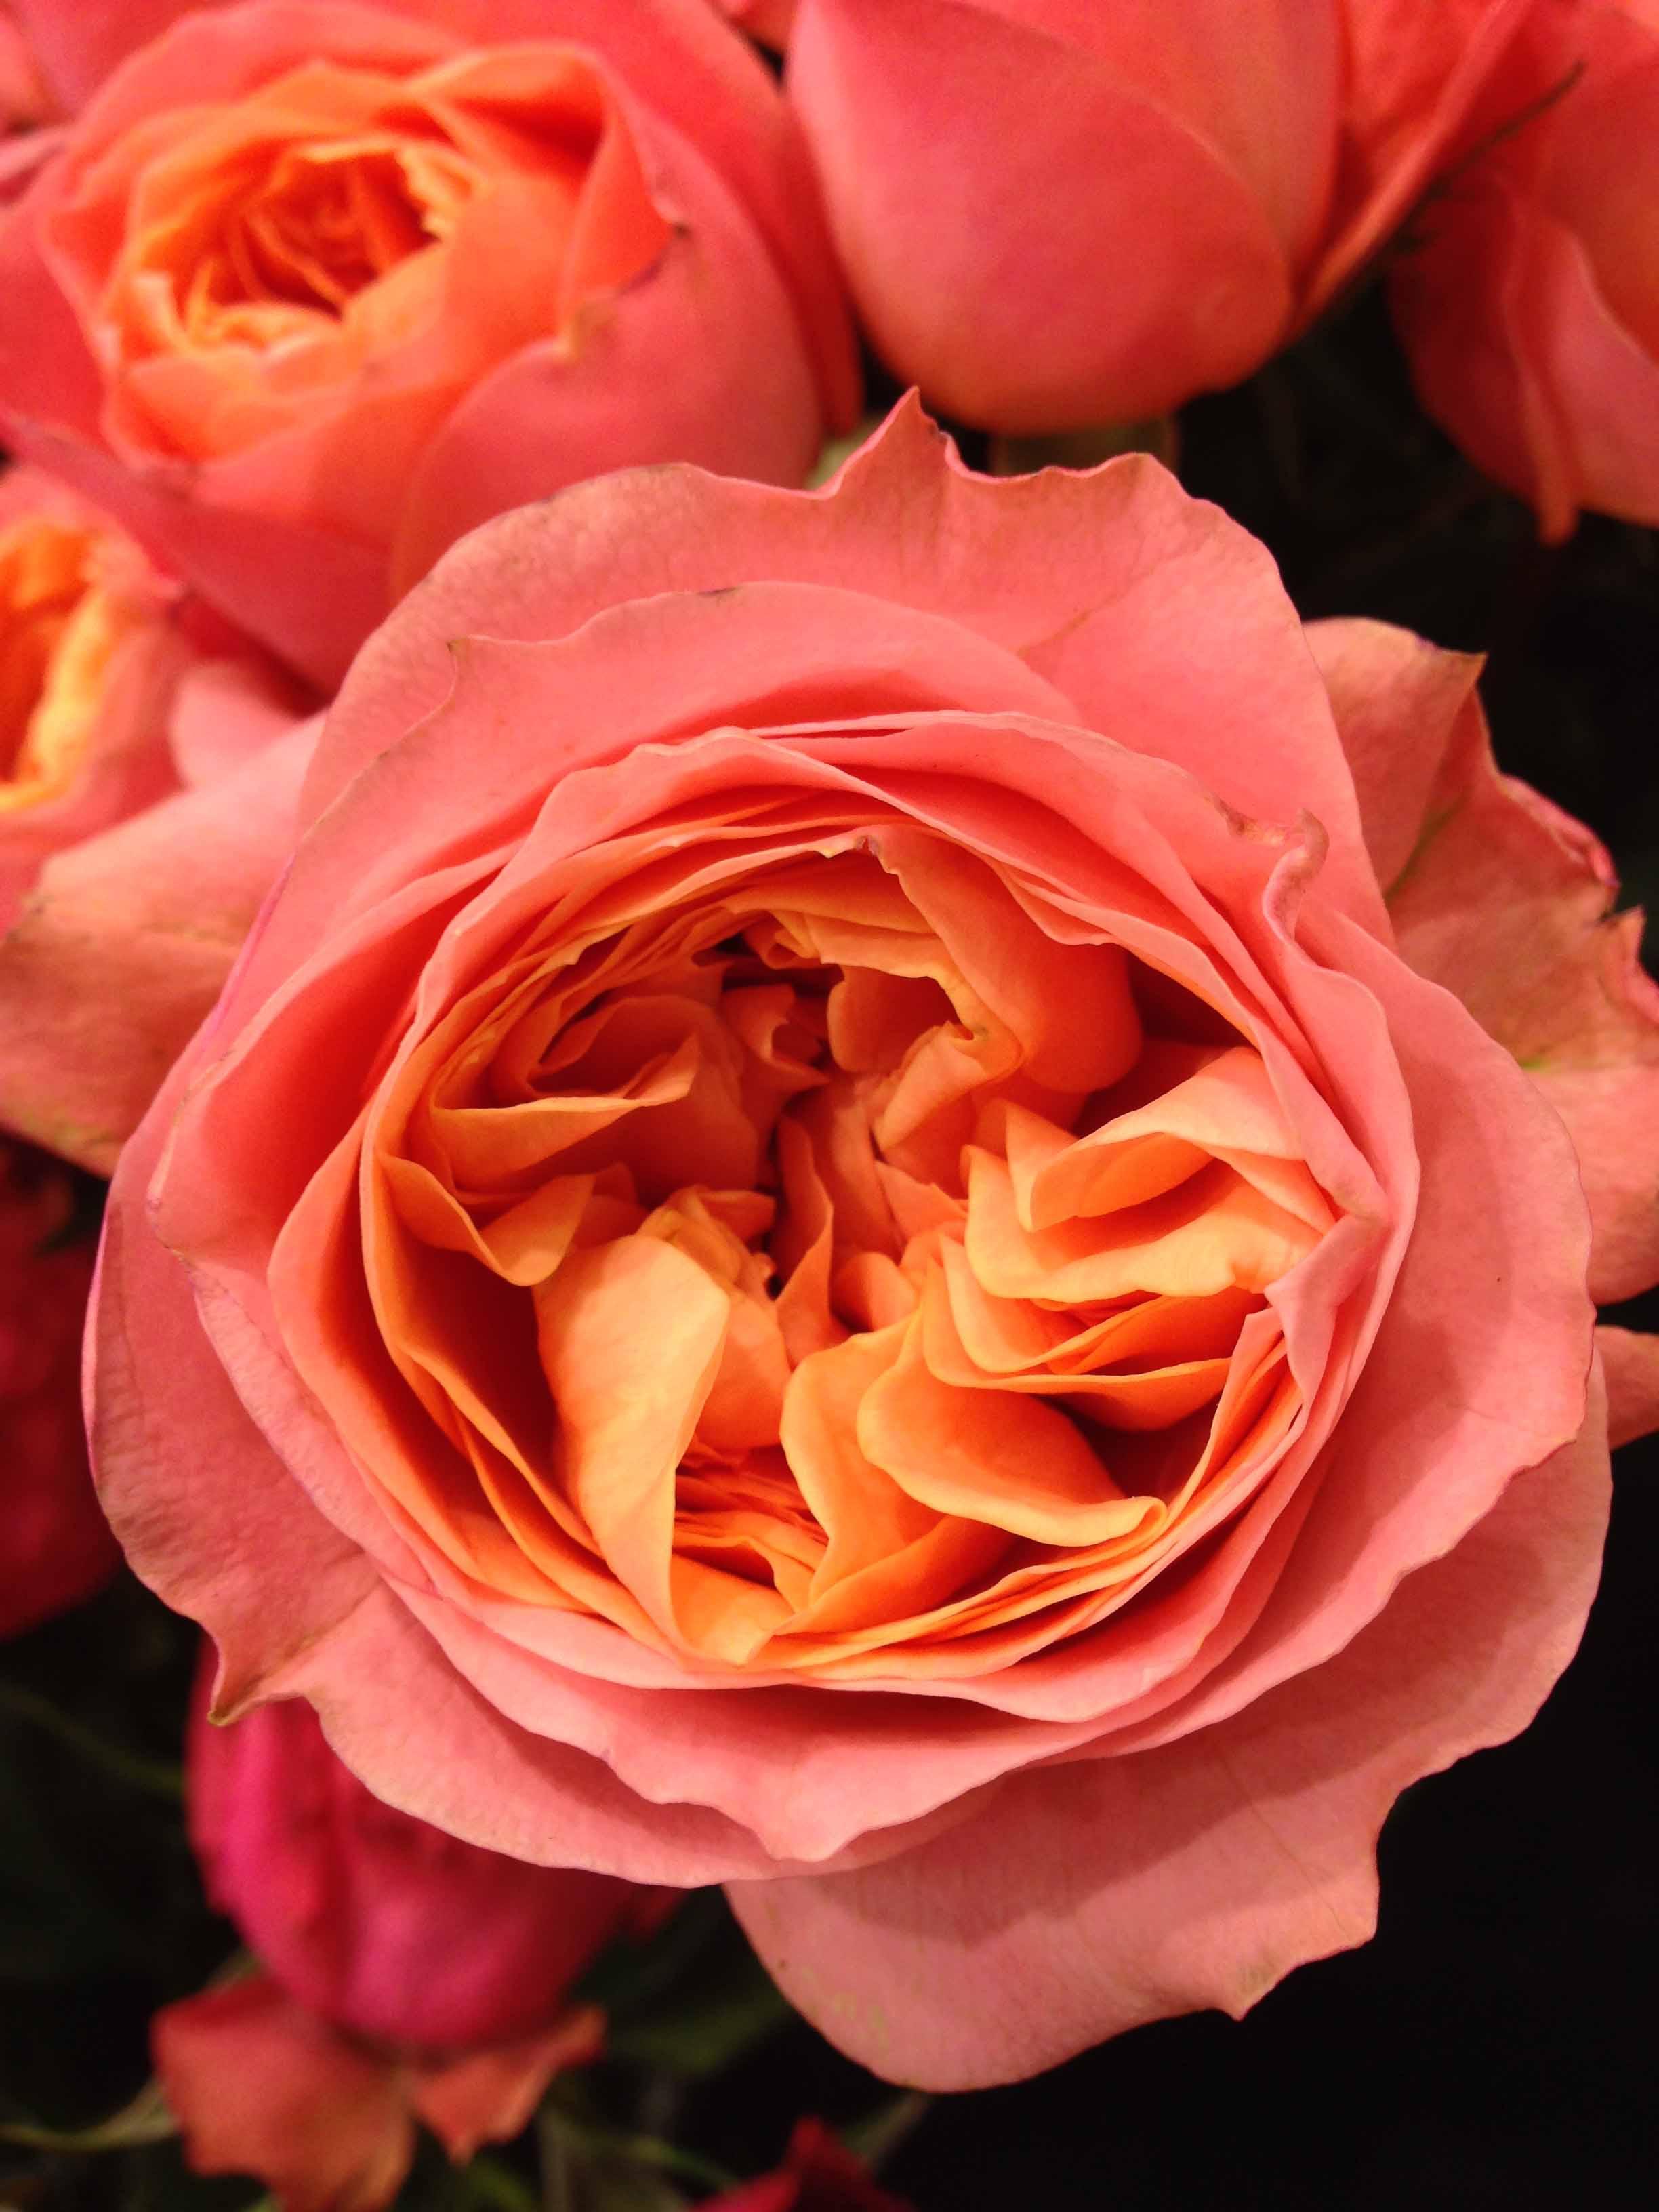 rosa loves me174 � roses forever